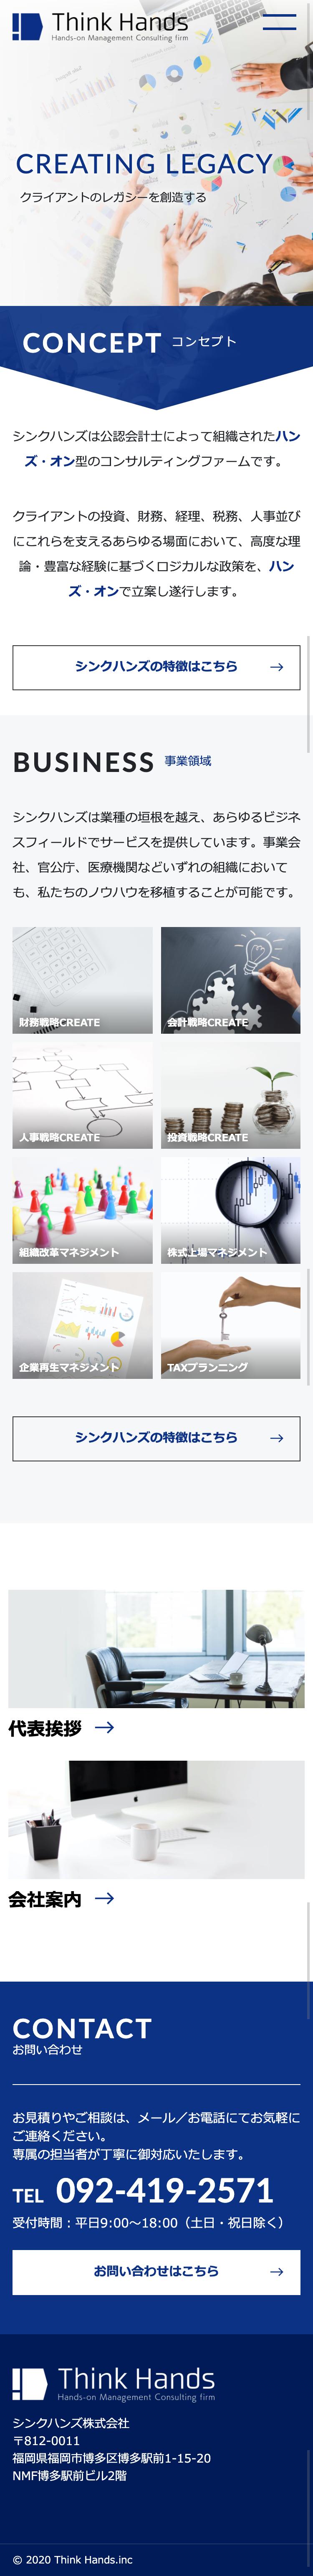 シンクハンズ株式会社様 ホームページ SP画像